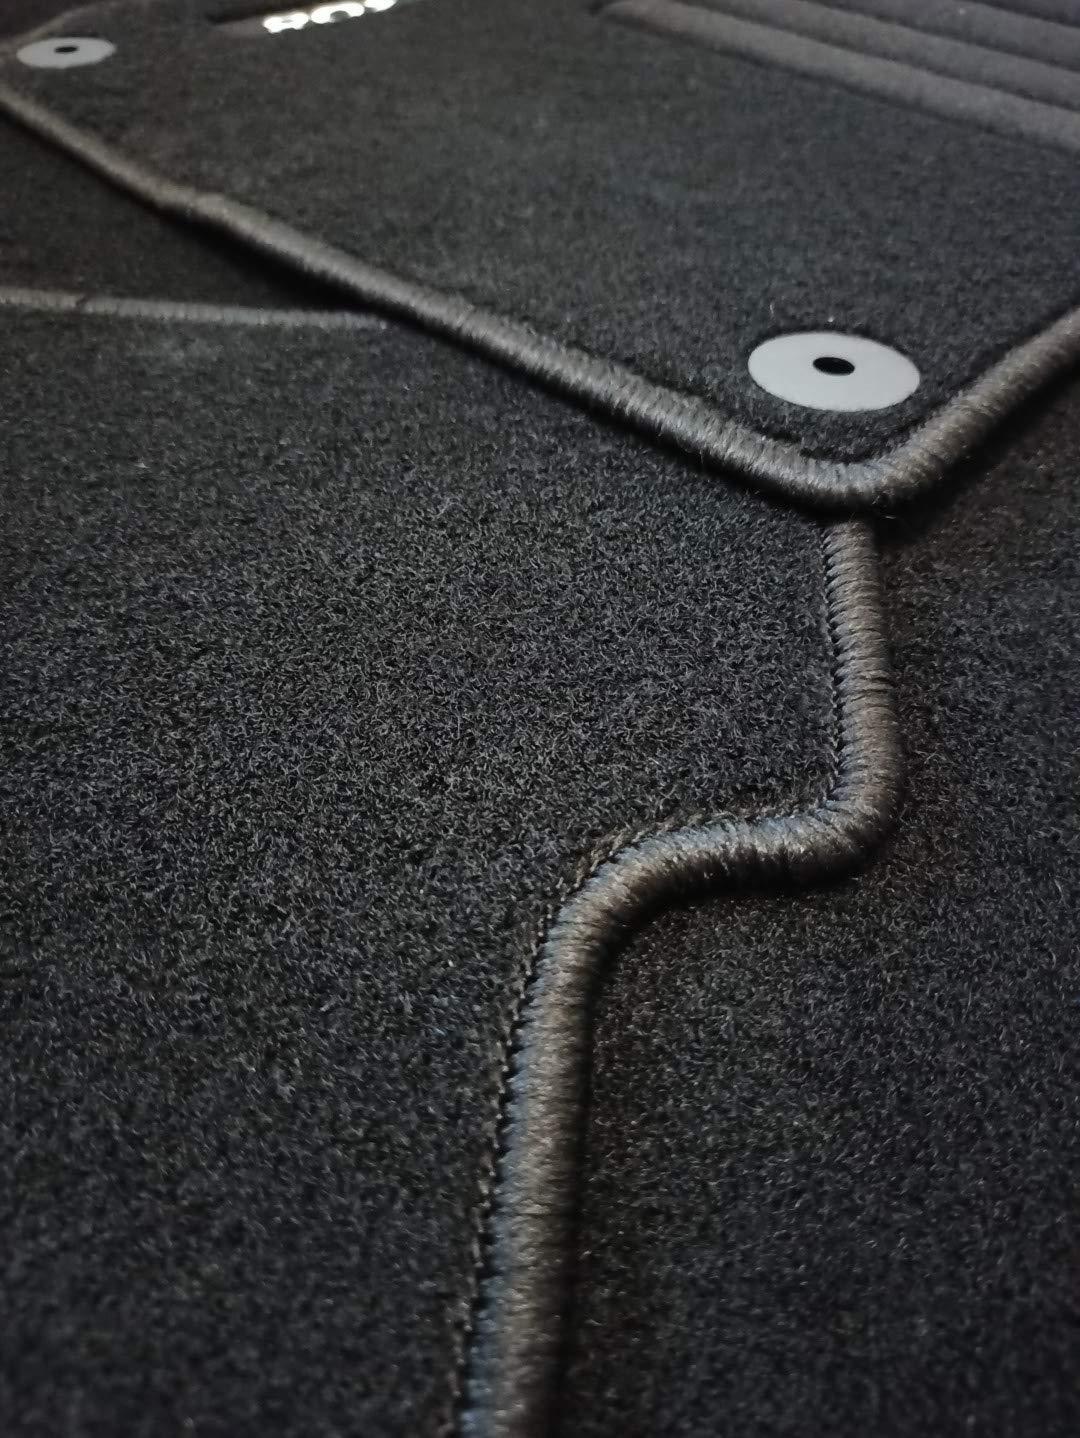 Todos los Modelos Anclajes Originales 308 II 2013-2017 alfombras a Medida Accesorionline Alfombrillas para 308 II 2013-2017 Juego Completo